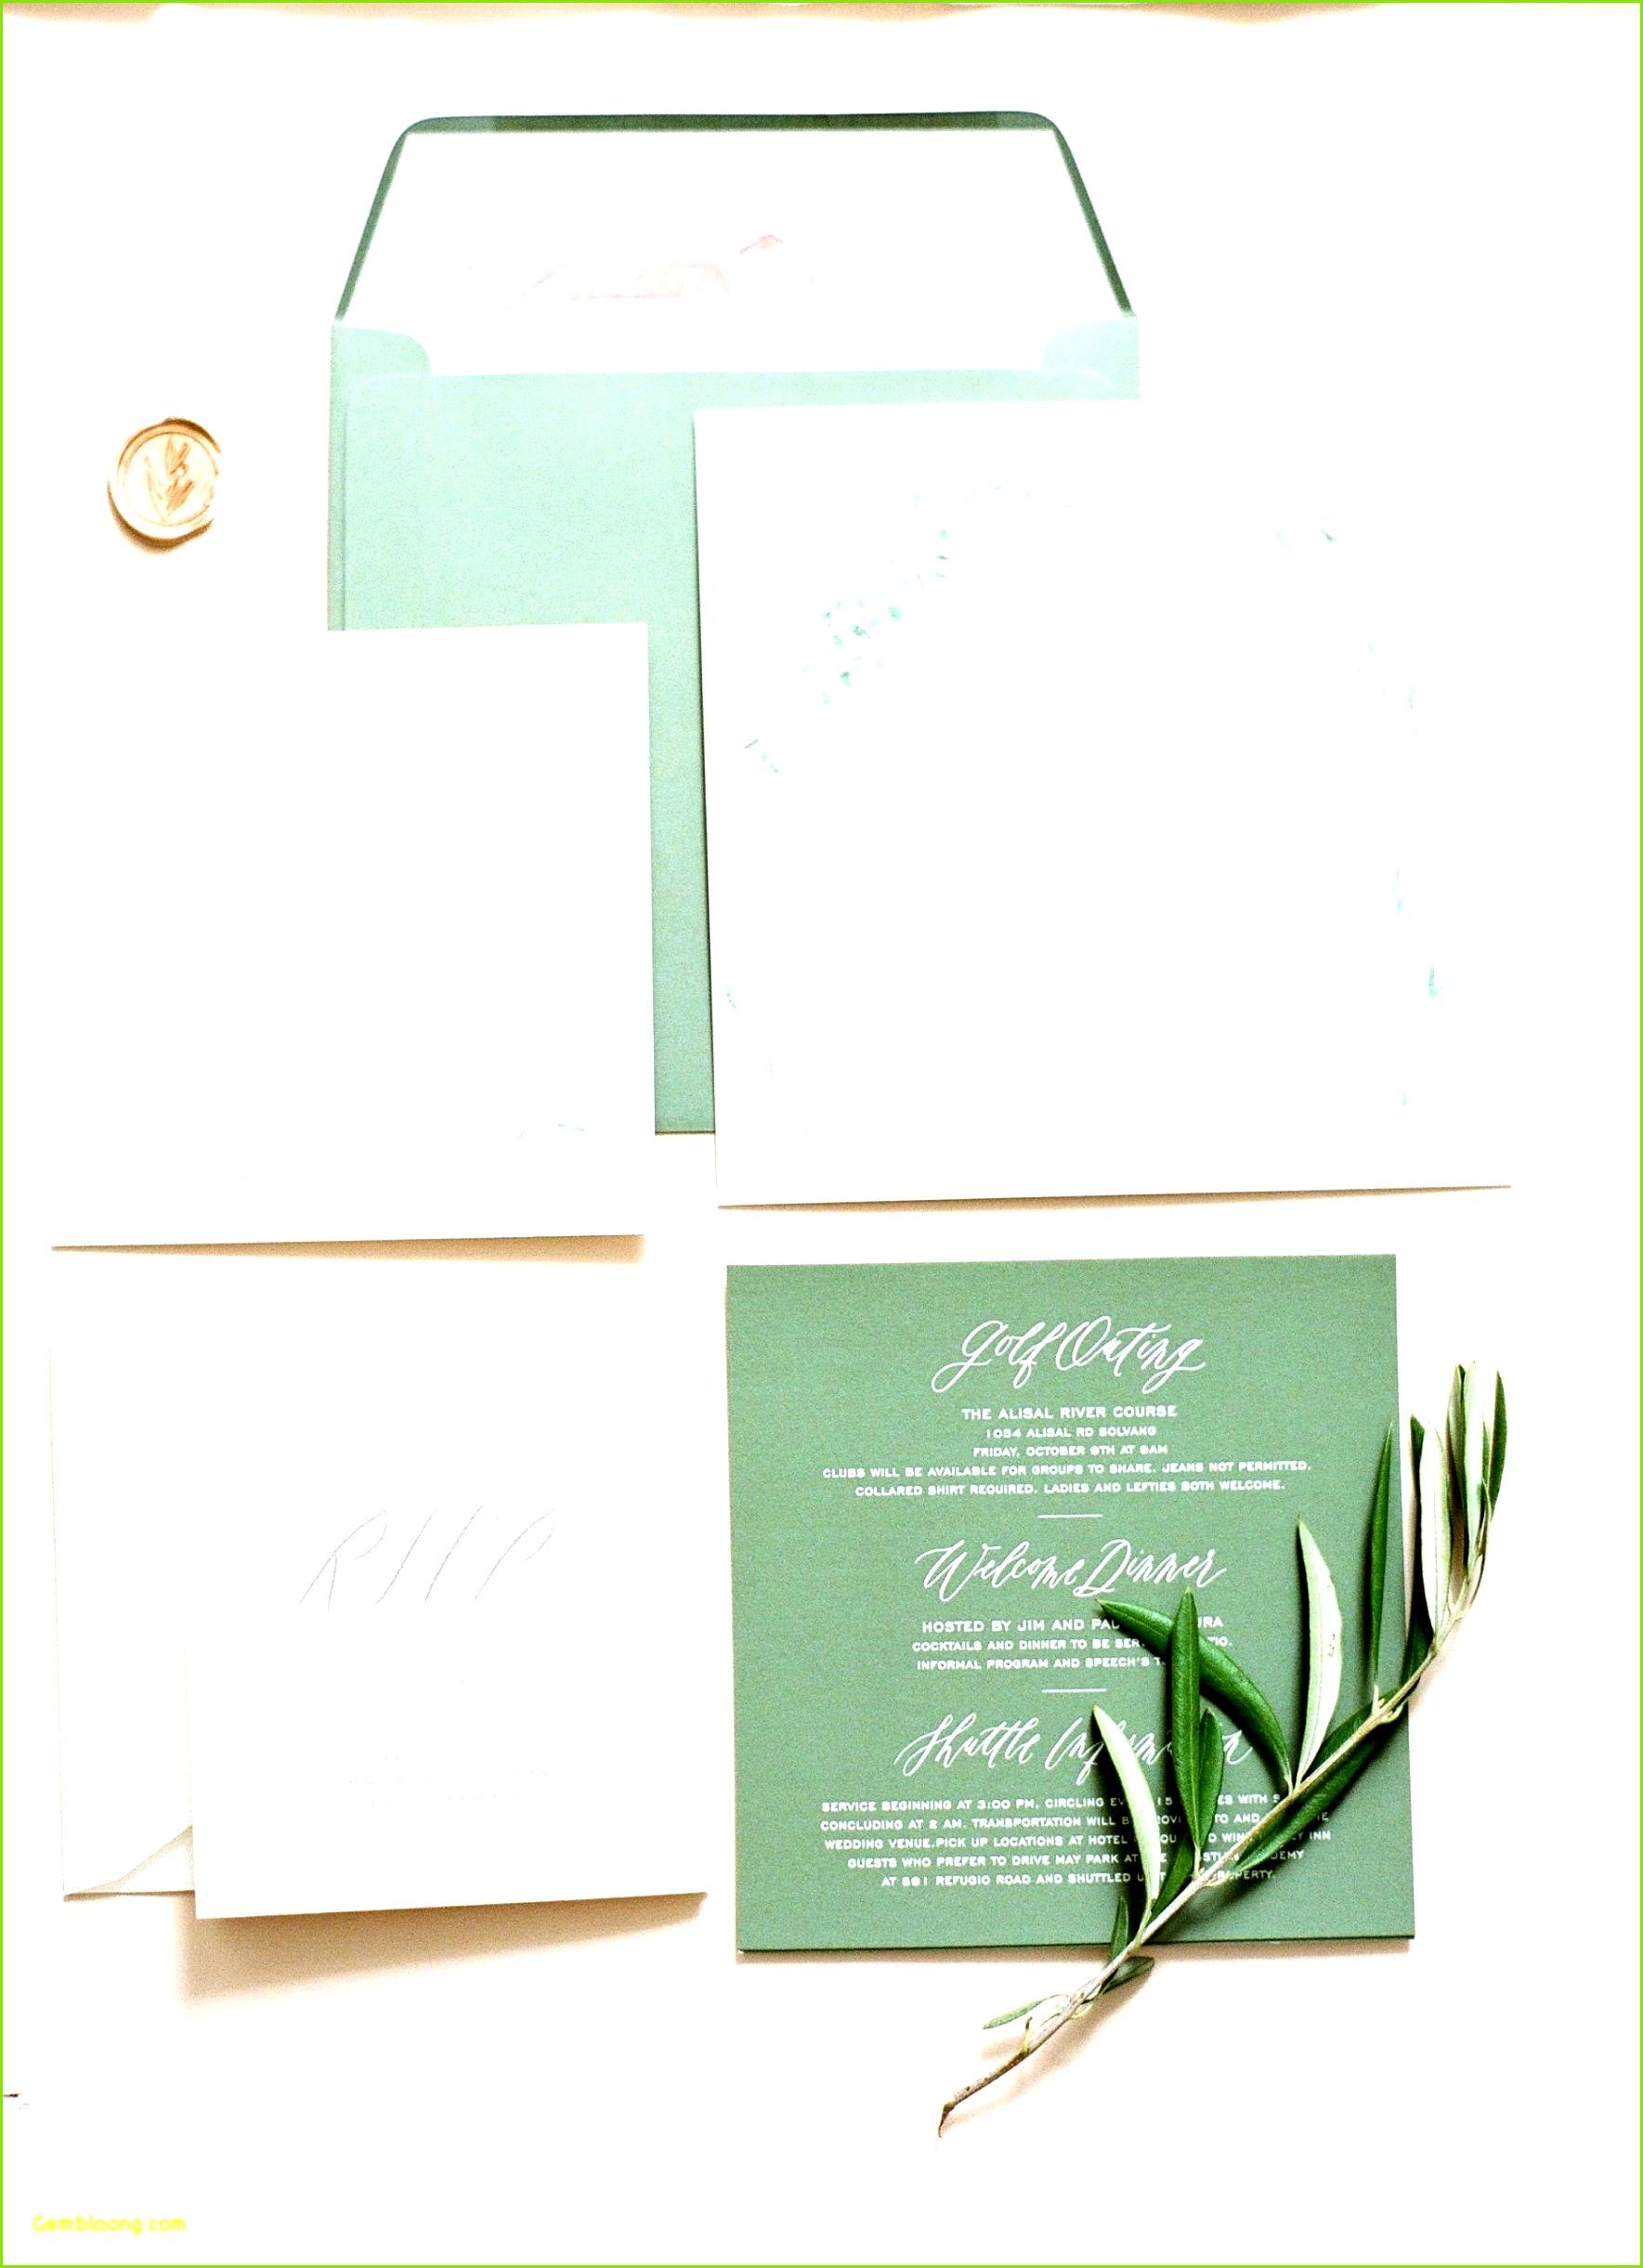 Einladungskarten Silberhochzeit Vorlagen Inspirierend Einladung Silberhochzeit Text Einladung Zum Einladung Richtfest 0d